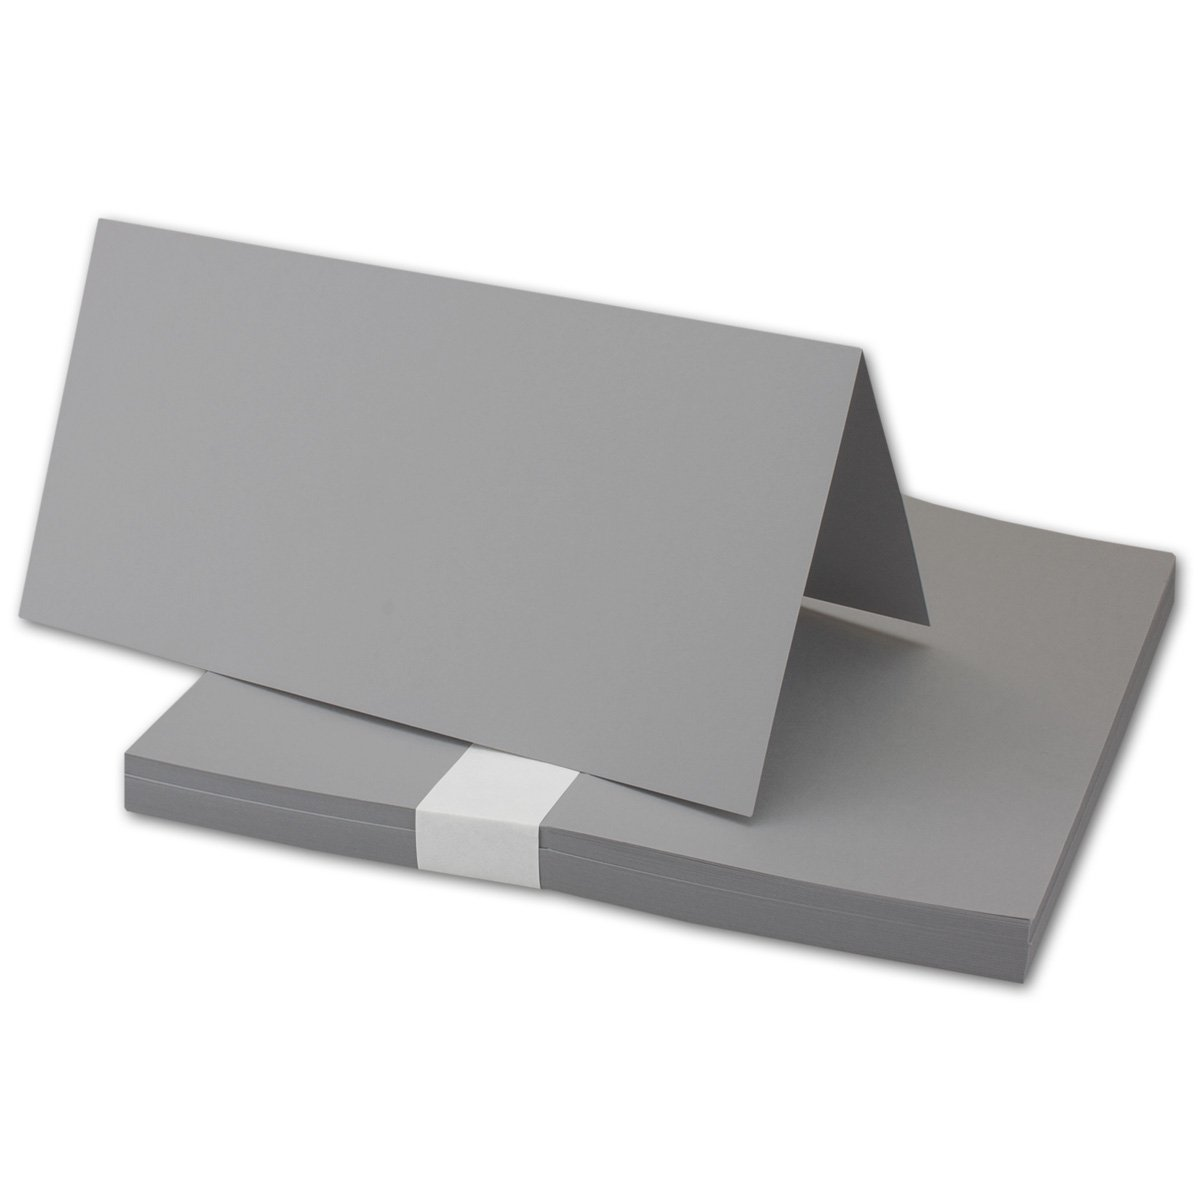 700 Faltkarten Faltkarten Faltkarten Din Lang - Hellgrau - Premium Qualität - 10,5 x 21 cm - Sehr formstabil - für Drucker Geeignet  - Qualitätsmarke  NEUSER FarbenFroh B07FKQSSMW | Beliebte Empfehlung  396fc4